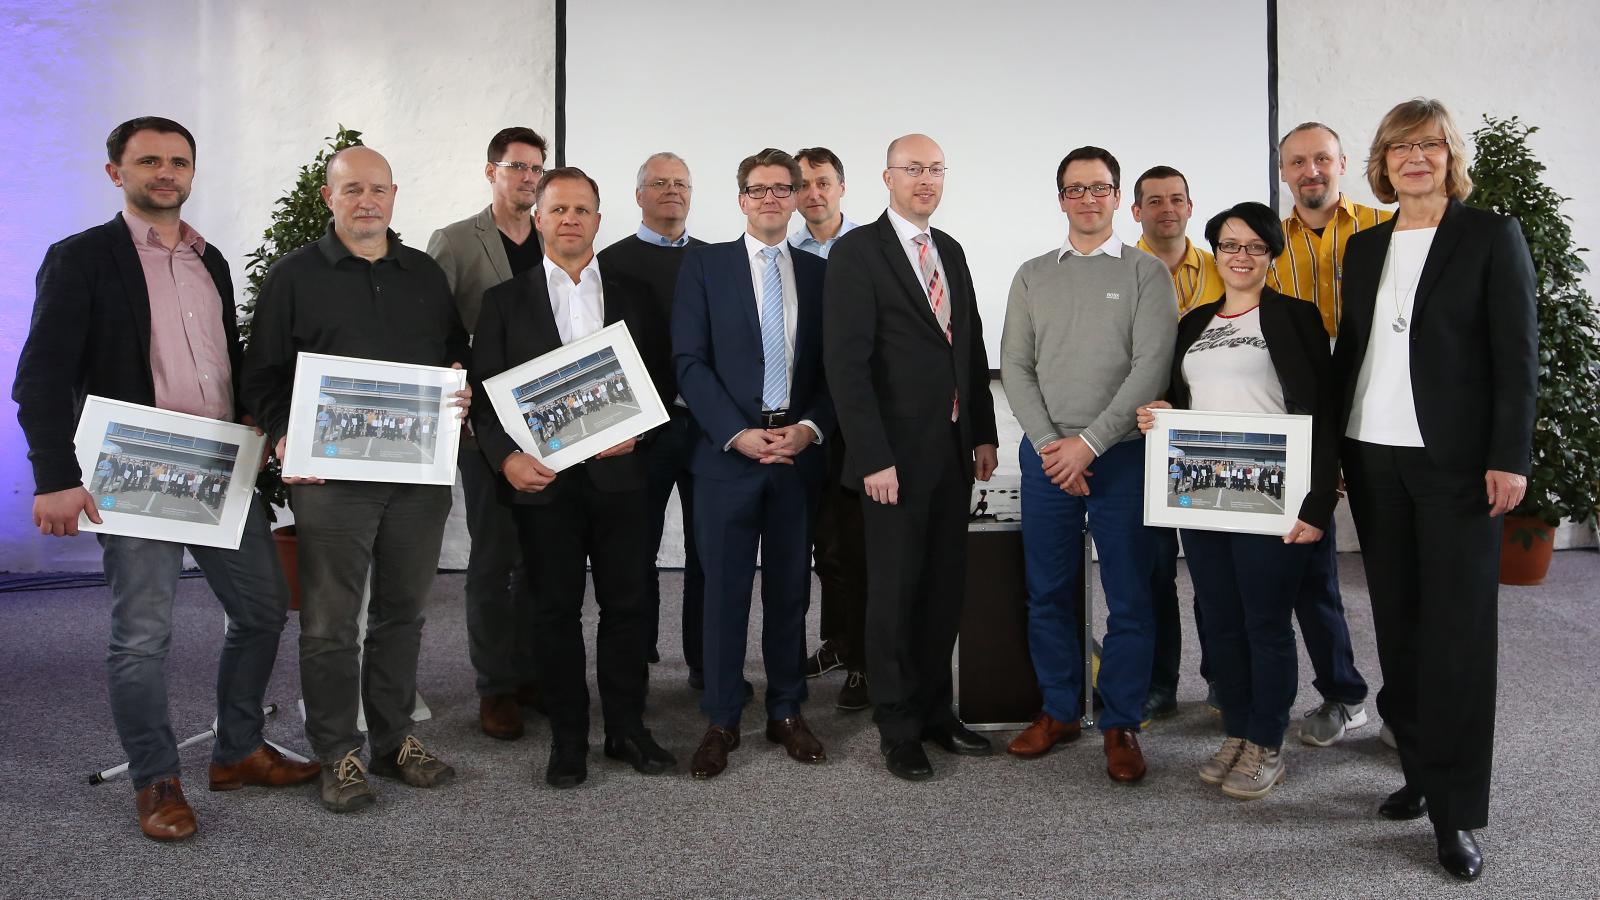 Vertreter der teilnehmenden Unternehmen zum Abschluss der Energie-Initiative im ehemaligen Gaswerk. Foto: Margit Wild